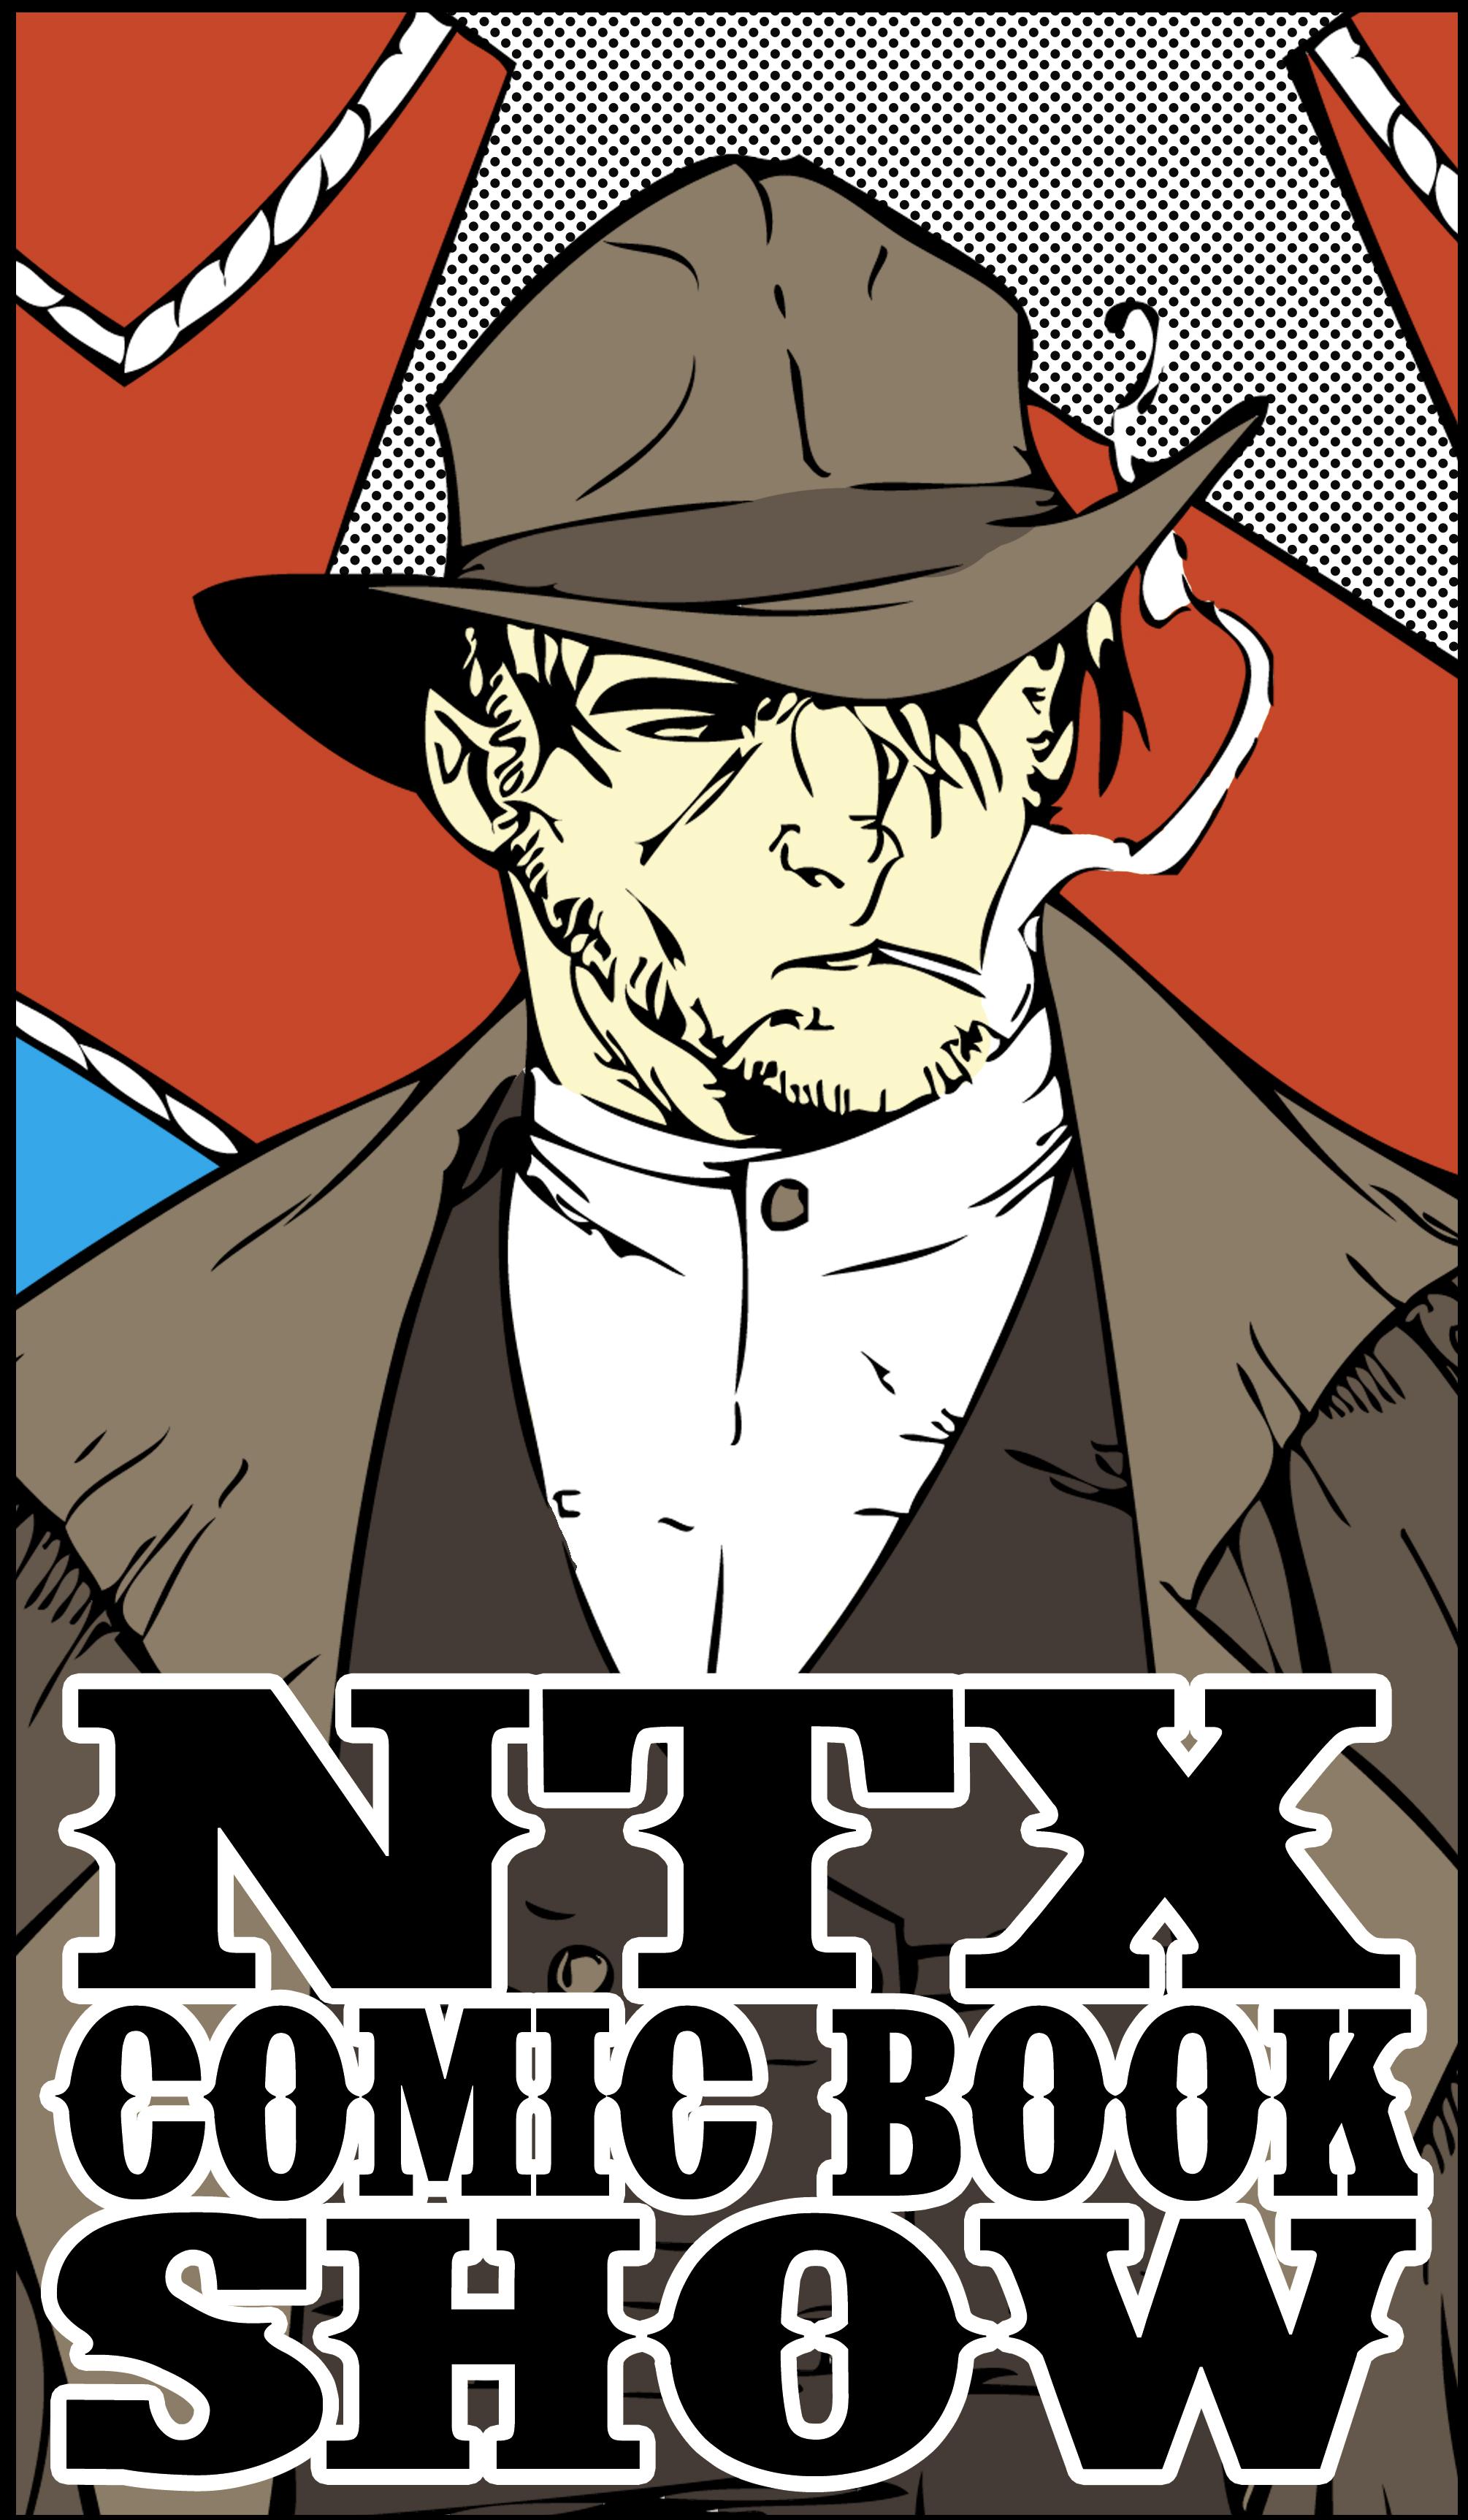 North Texas Comic Book Show January 2017 in Dallas